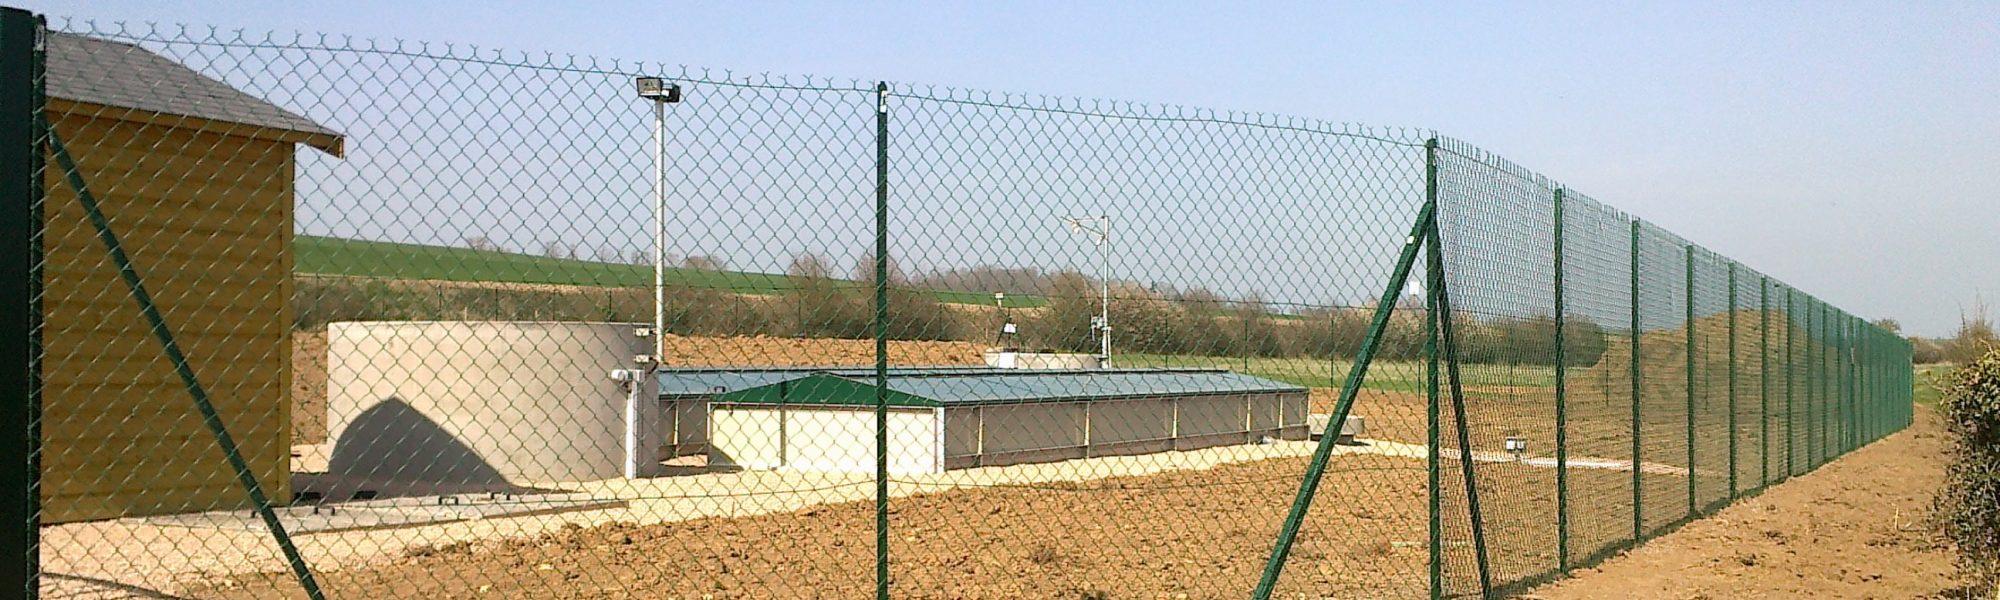 Renfort clôture station épuration